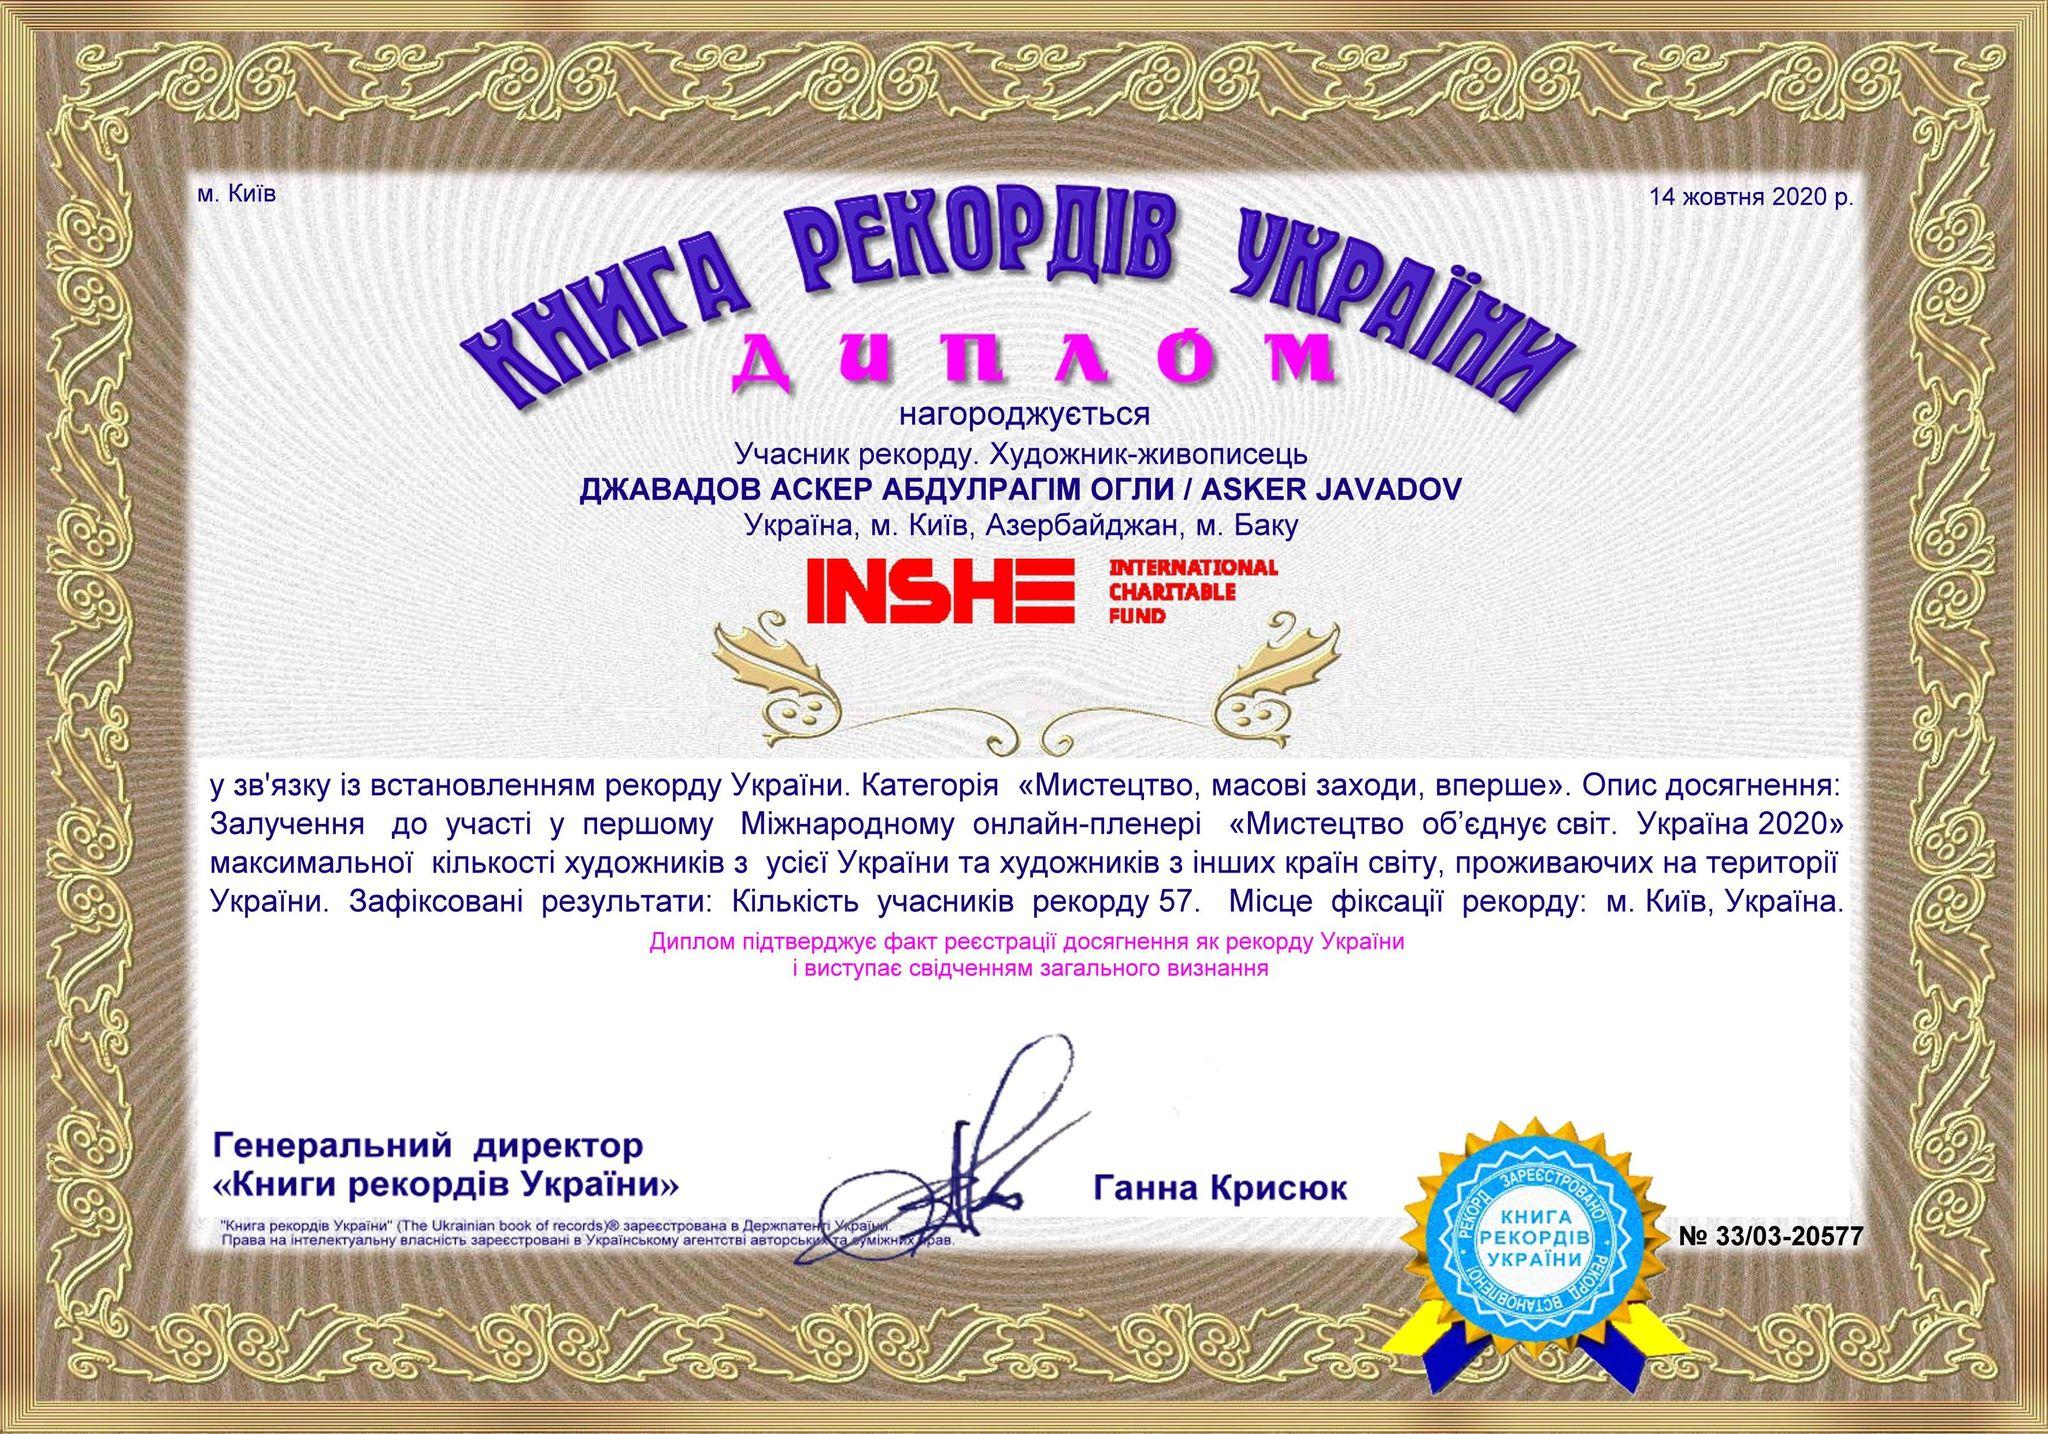 Джавадов